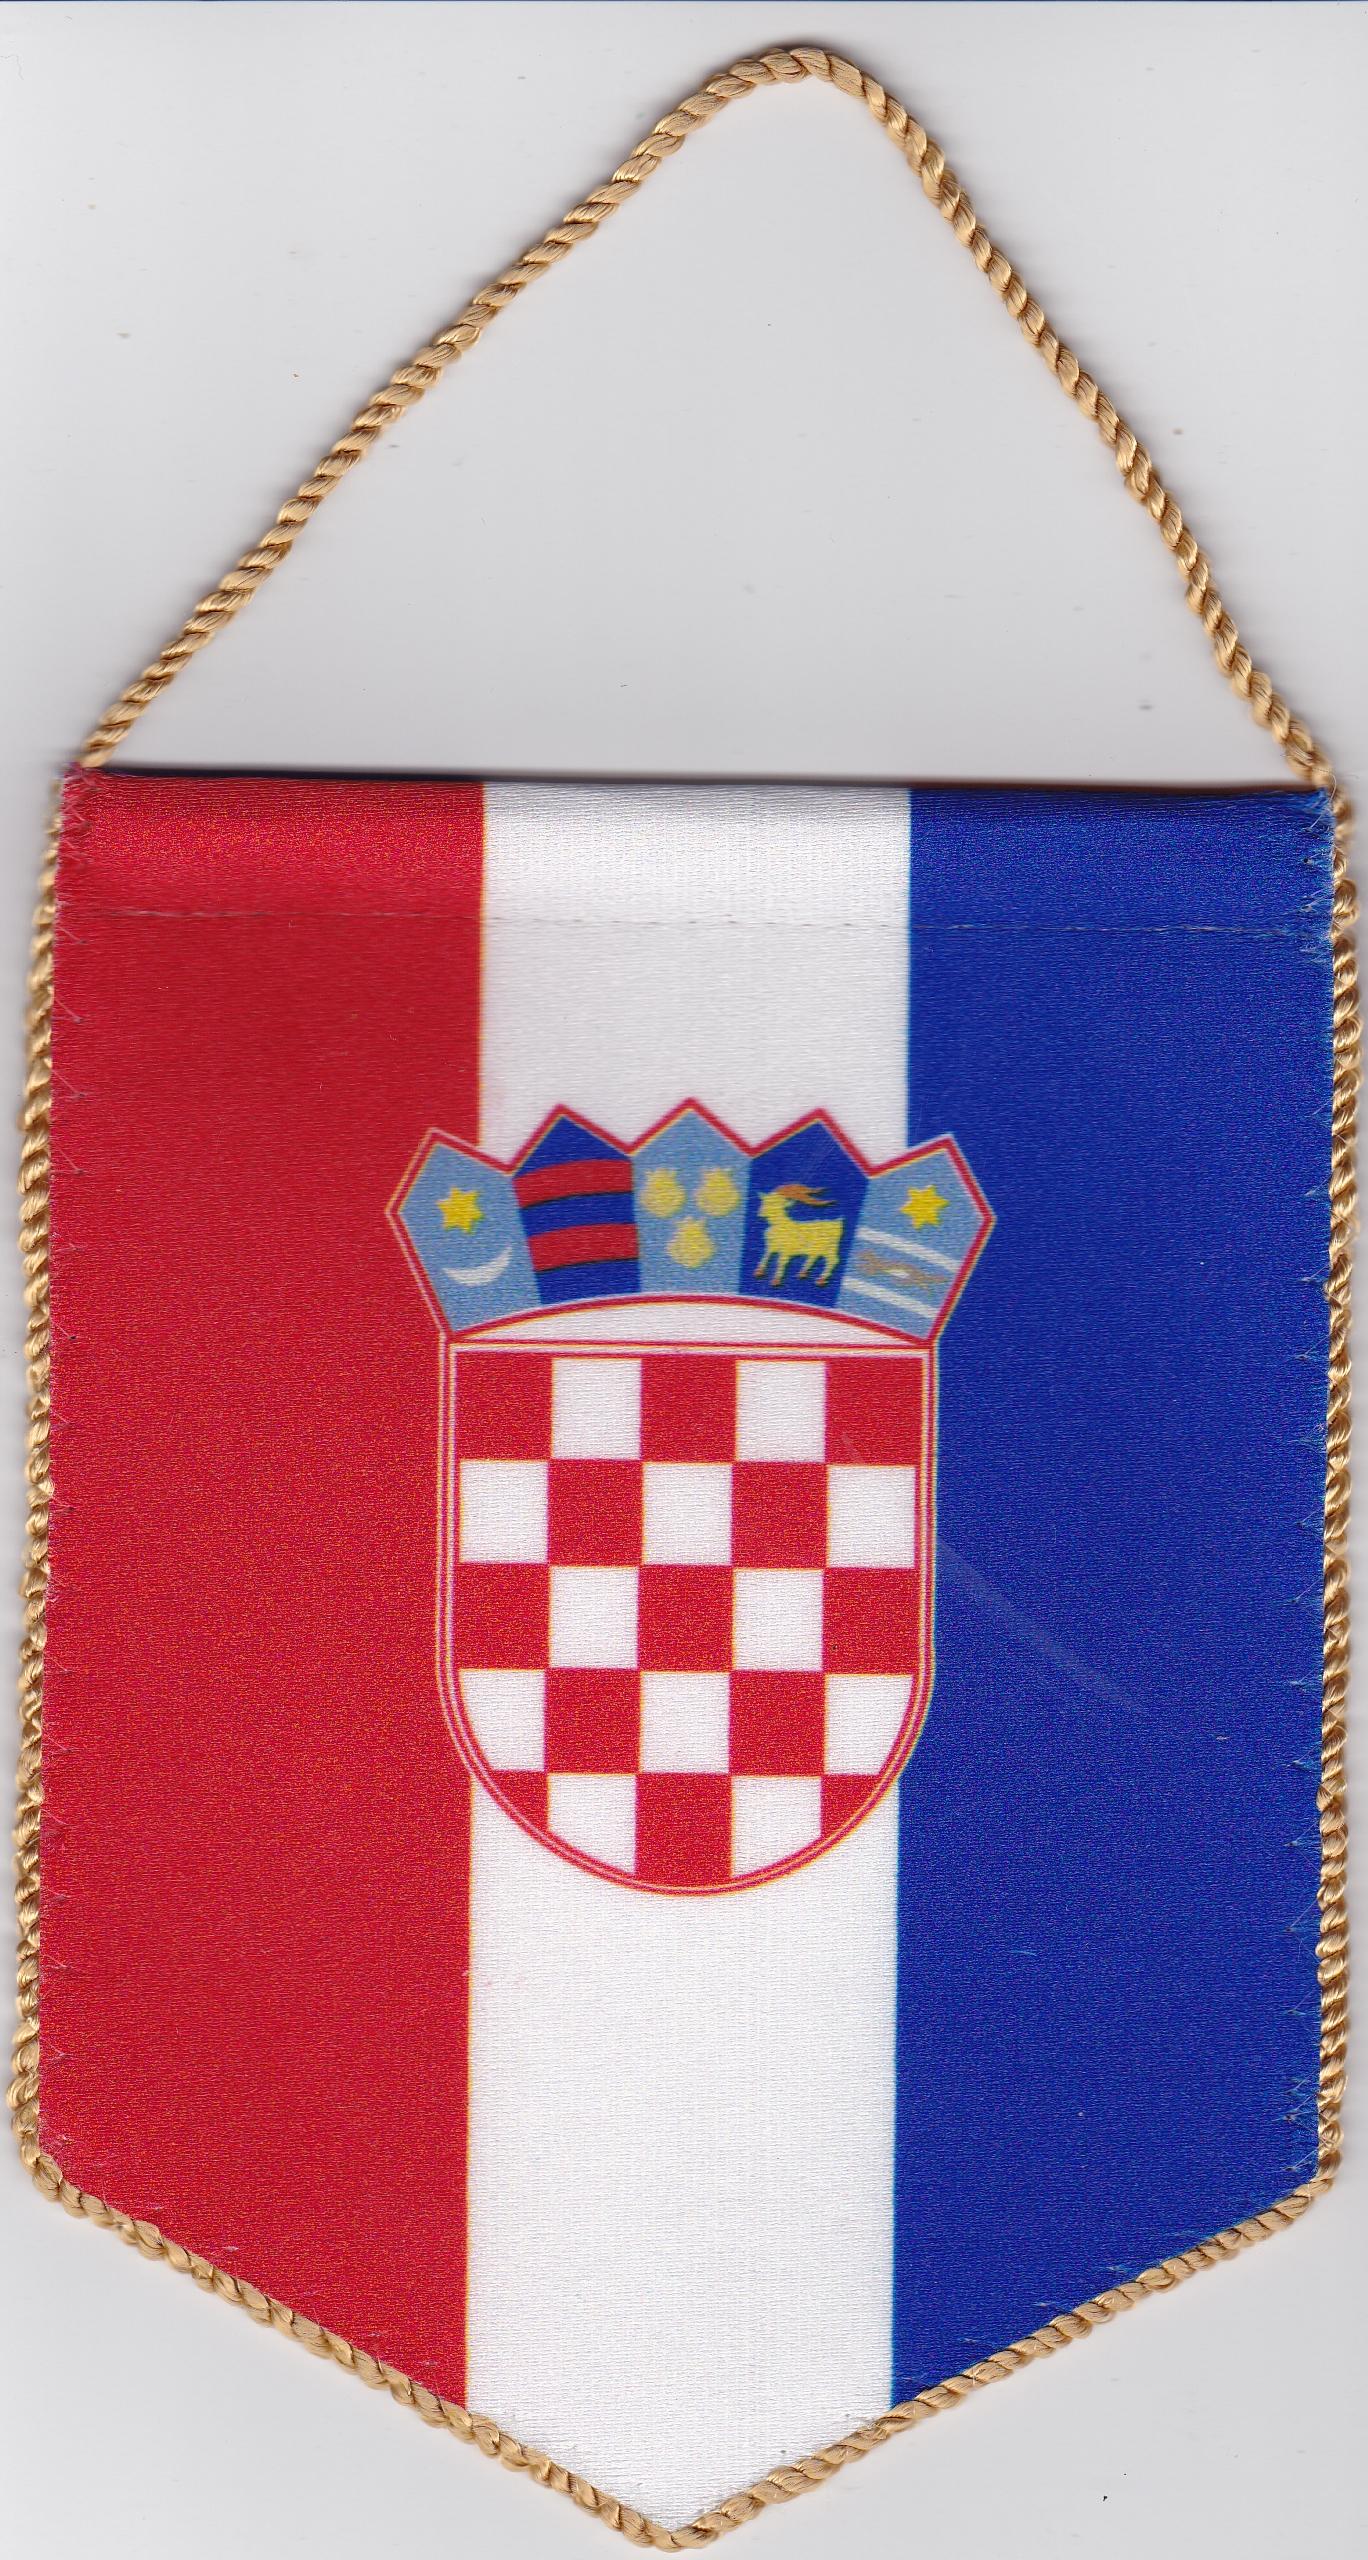 5 szöglető horvát zászló visszapillantó tükörre